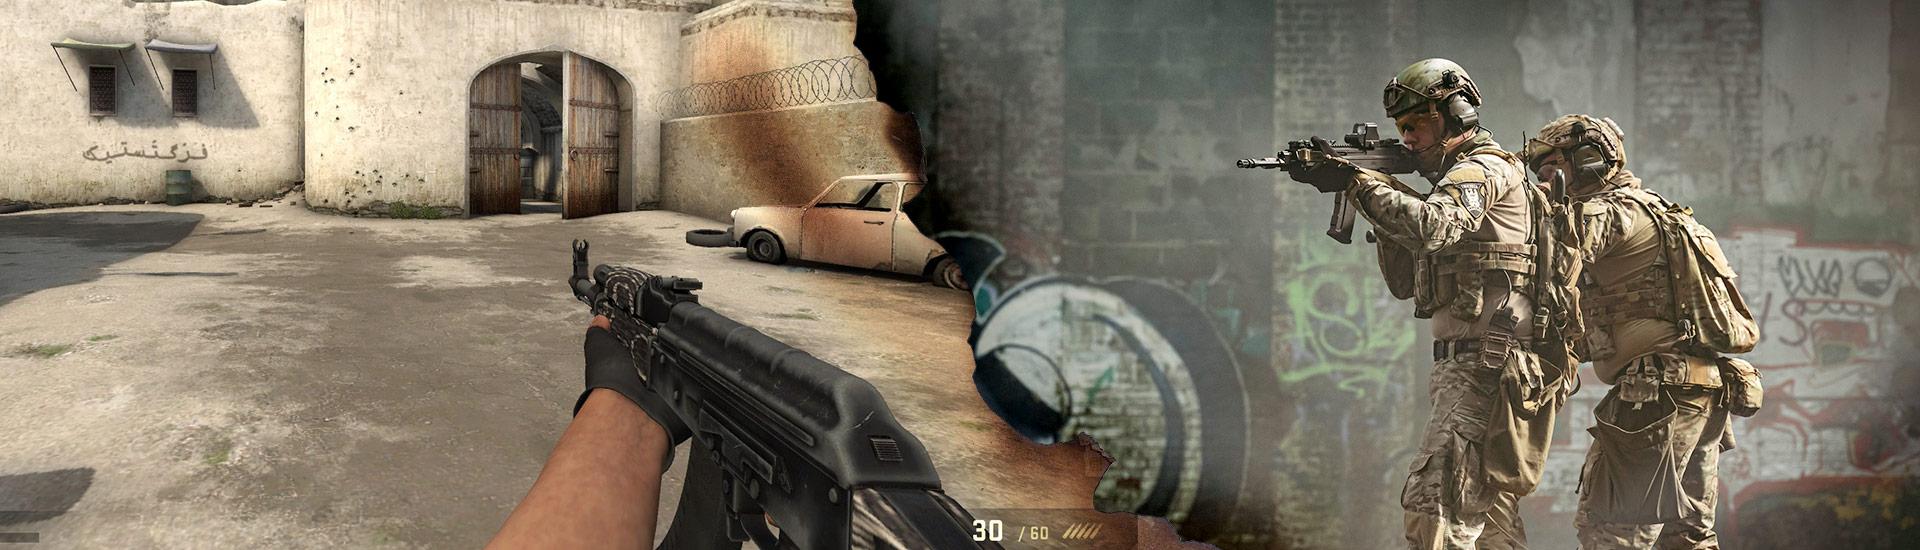 Counter Strike Global Offensive. Bronie w rzeczywistości, grze i naszym sklepie